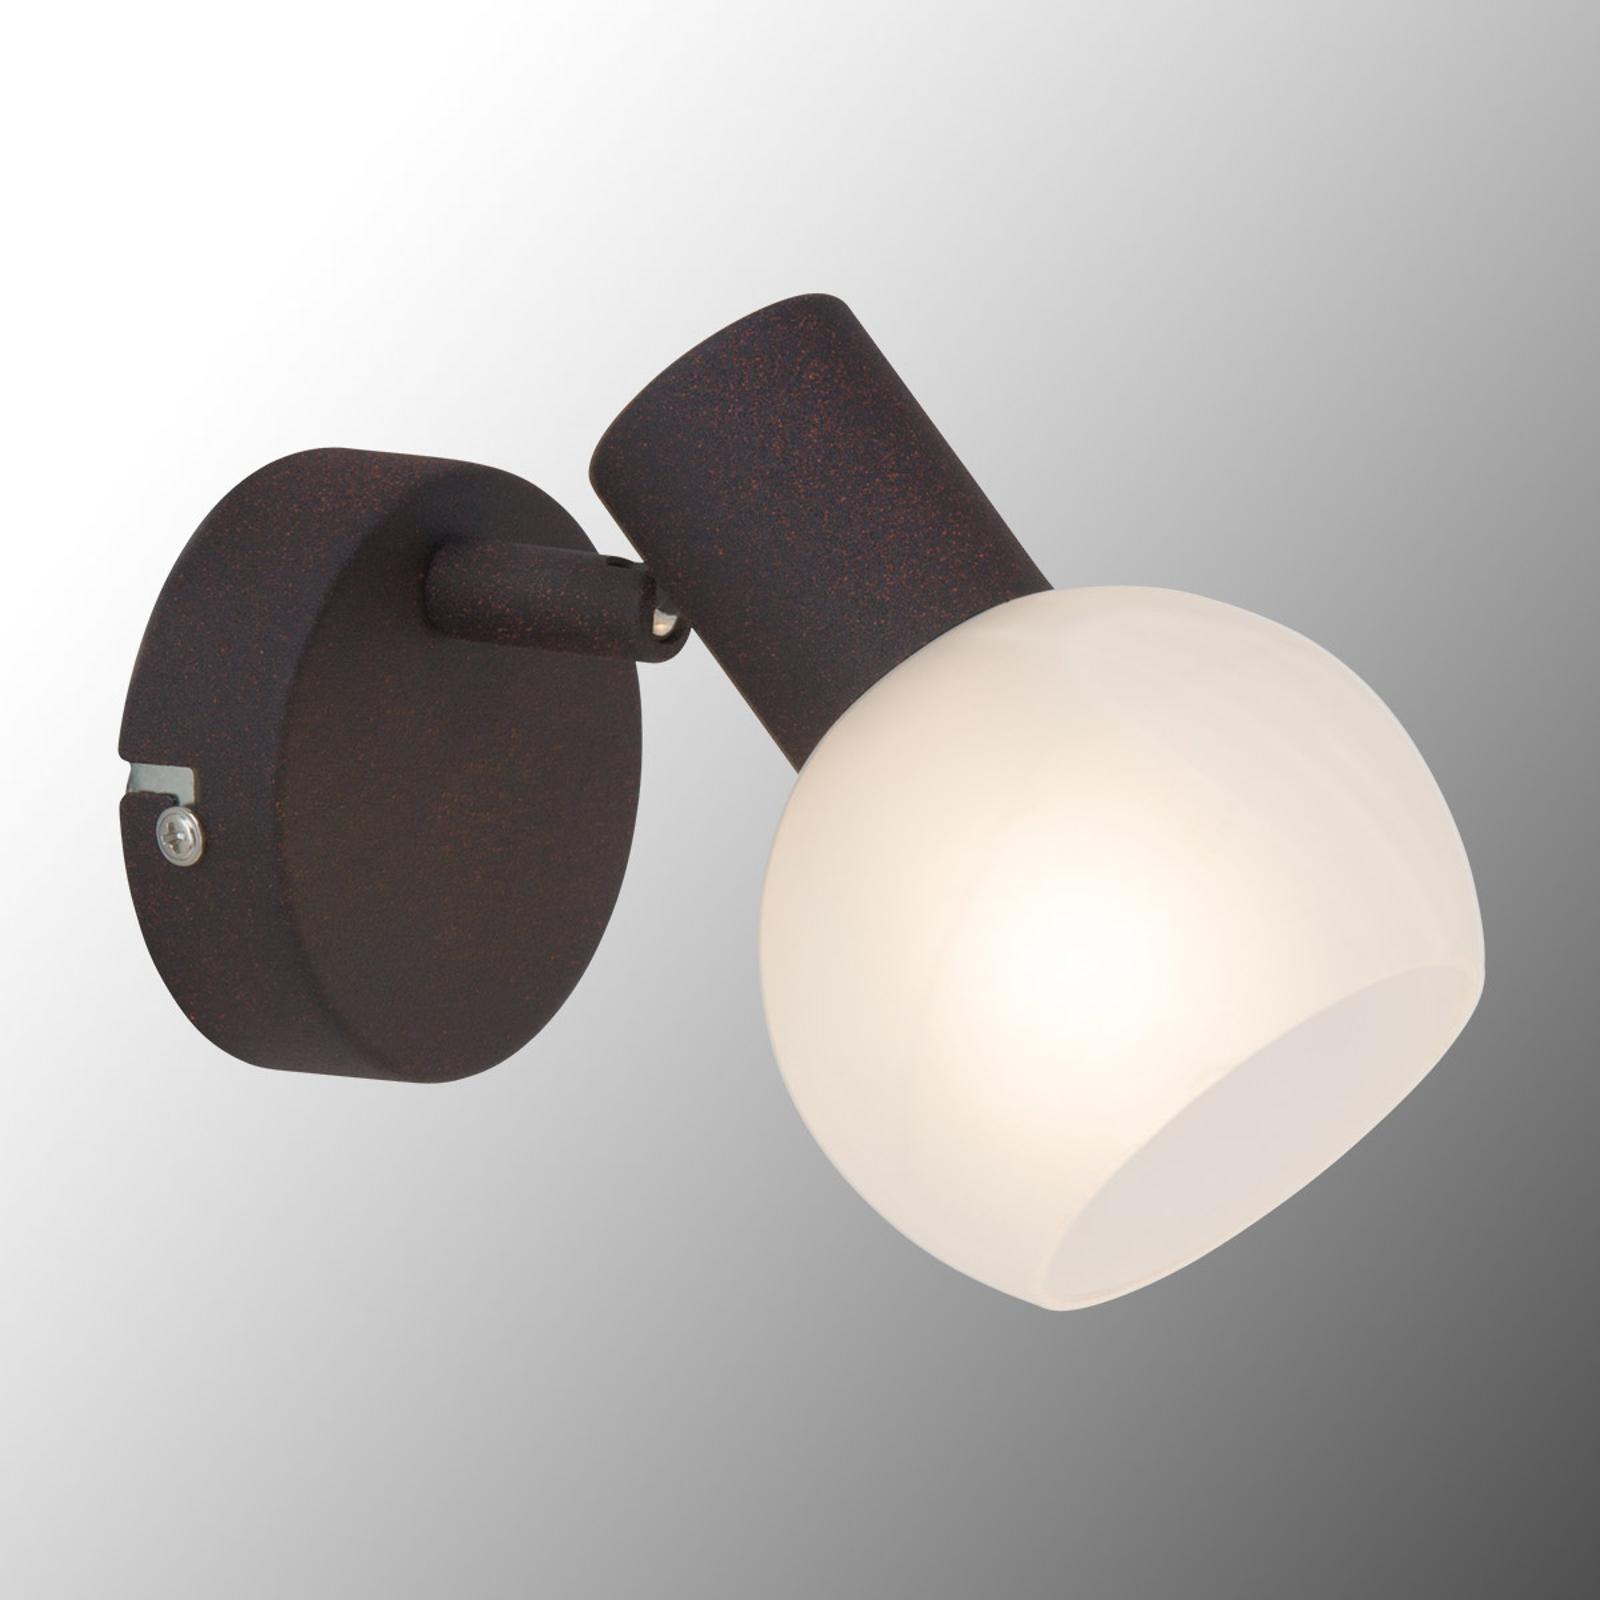 Kontrastfuld væglampe Gabon